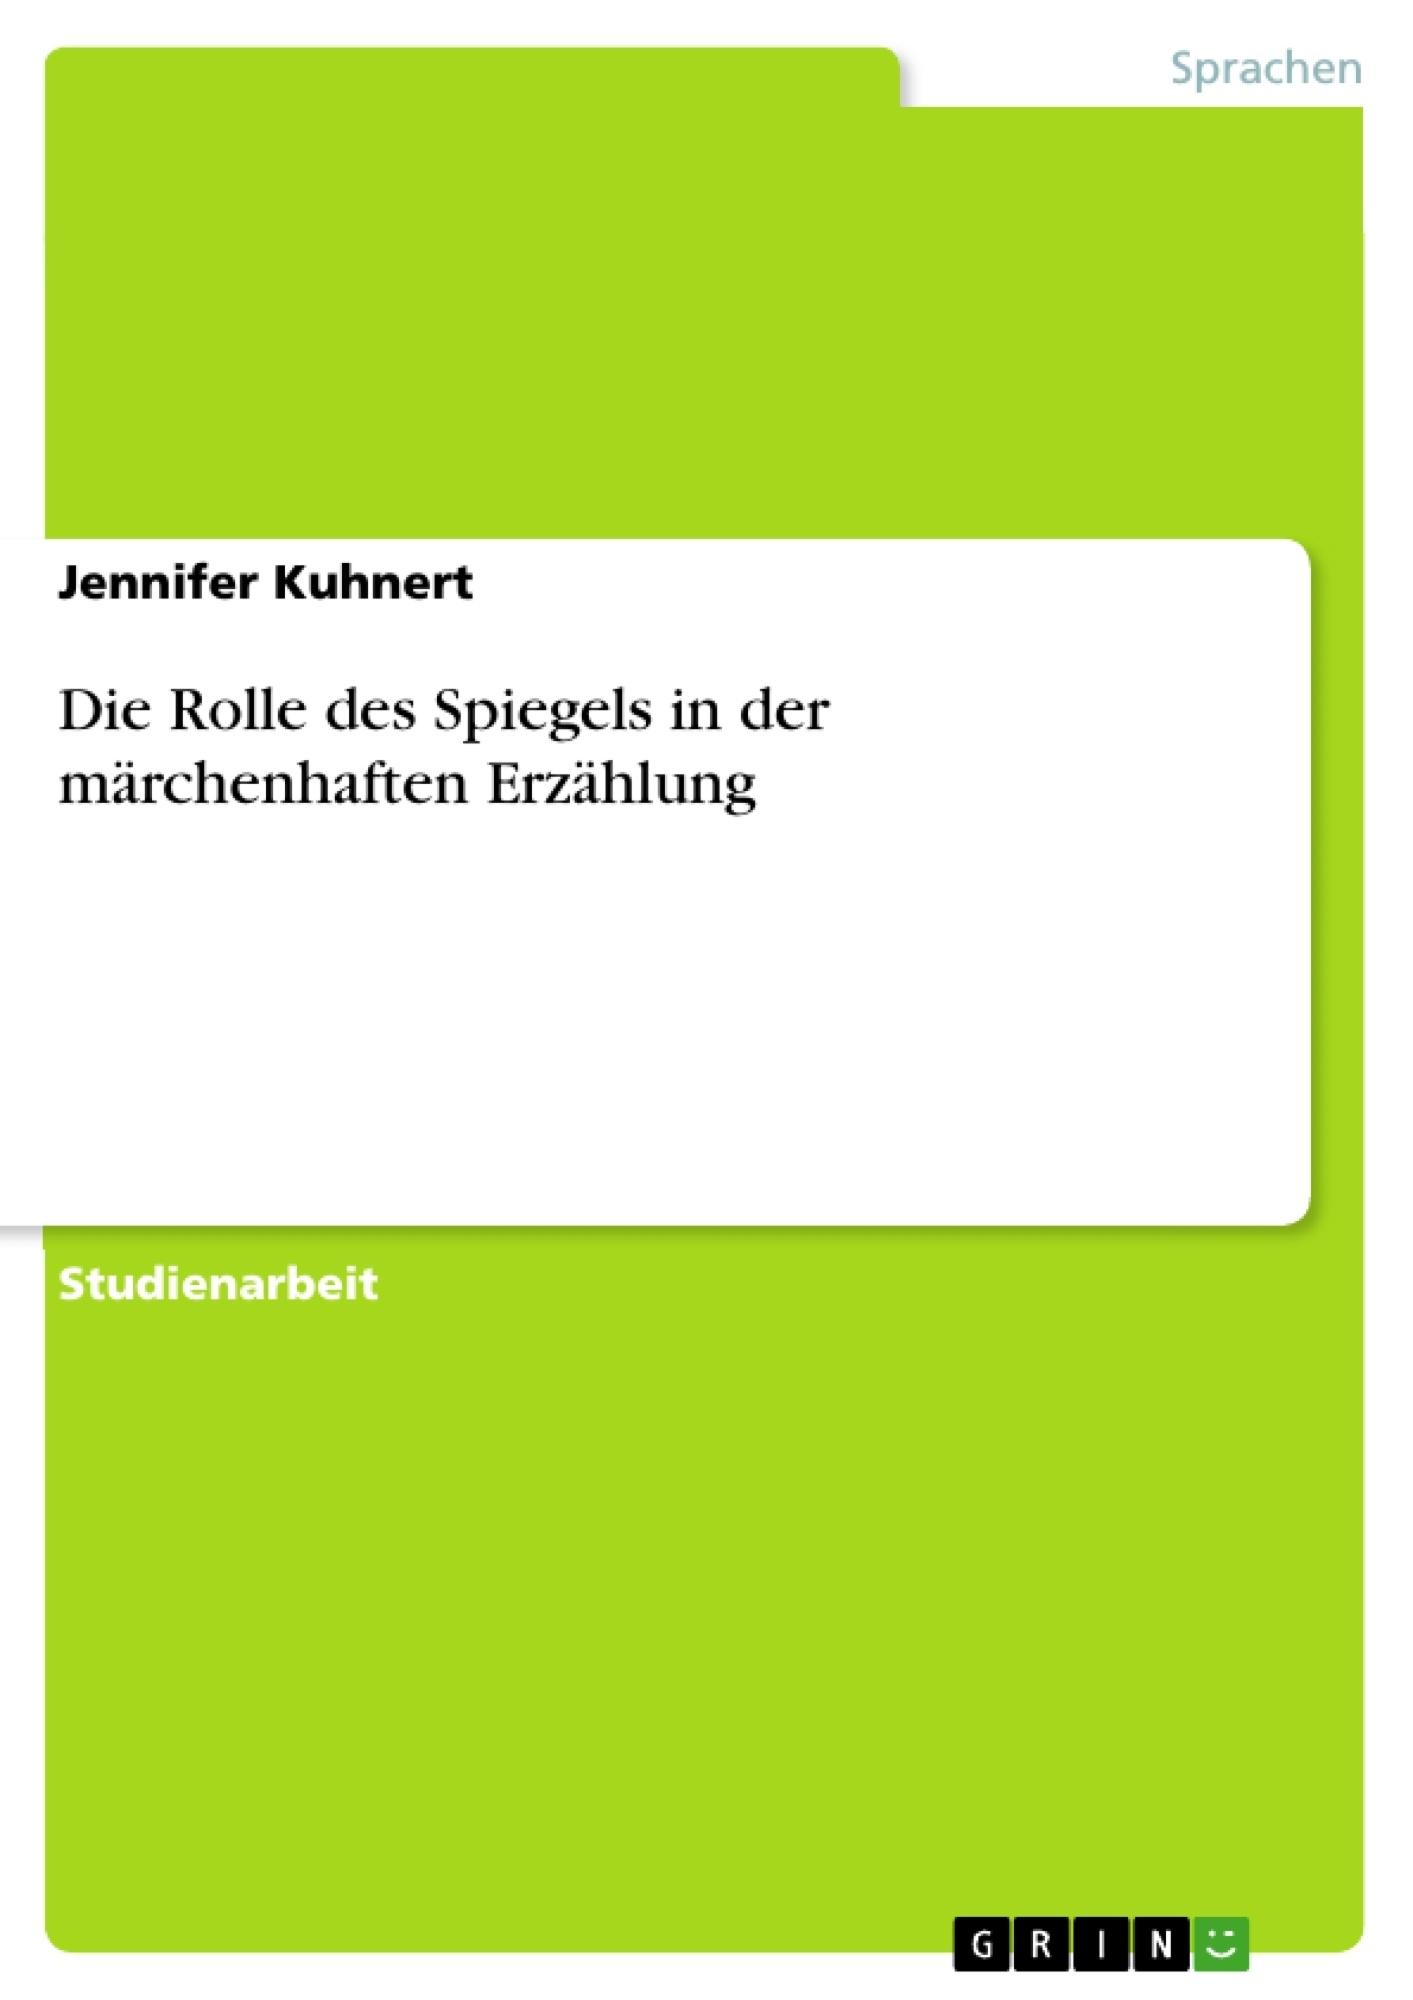 Die Rolle des Spiegels in der märchenhaften Erzählung | Masterarbeit ...